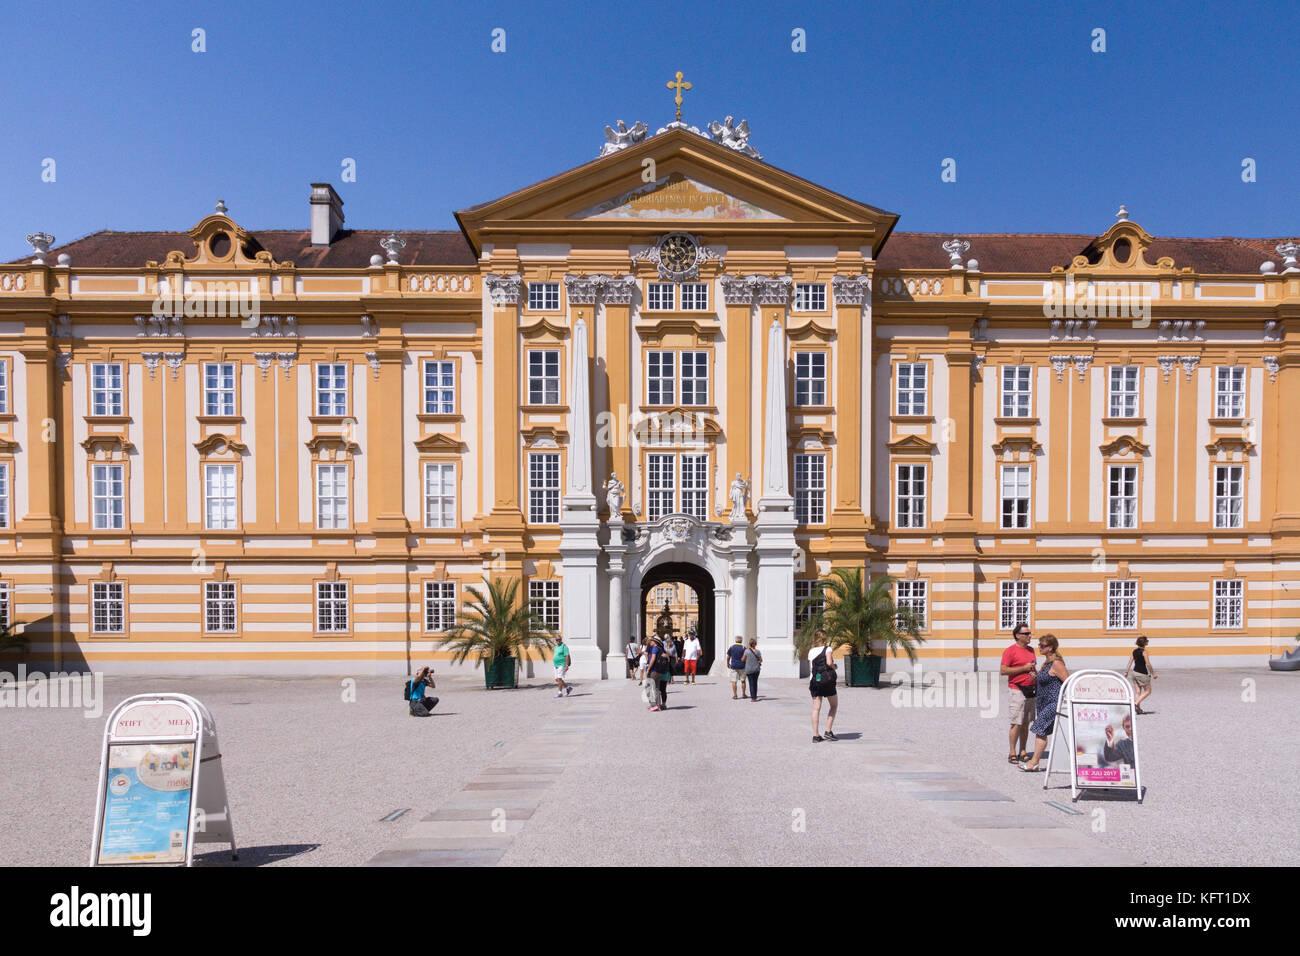 L'entrée principale de l'Abbaye de Melk baroque magnifique dans la région de Wachau de Basse-Autriche Photo Stock